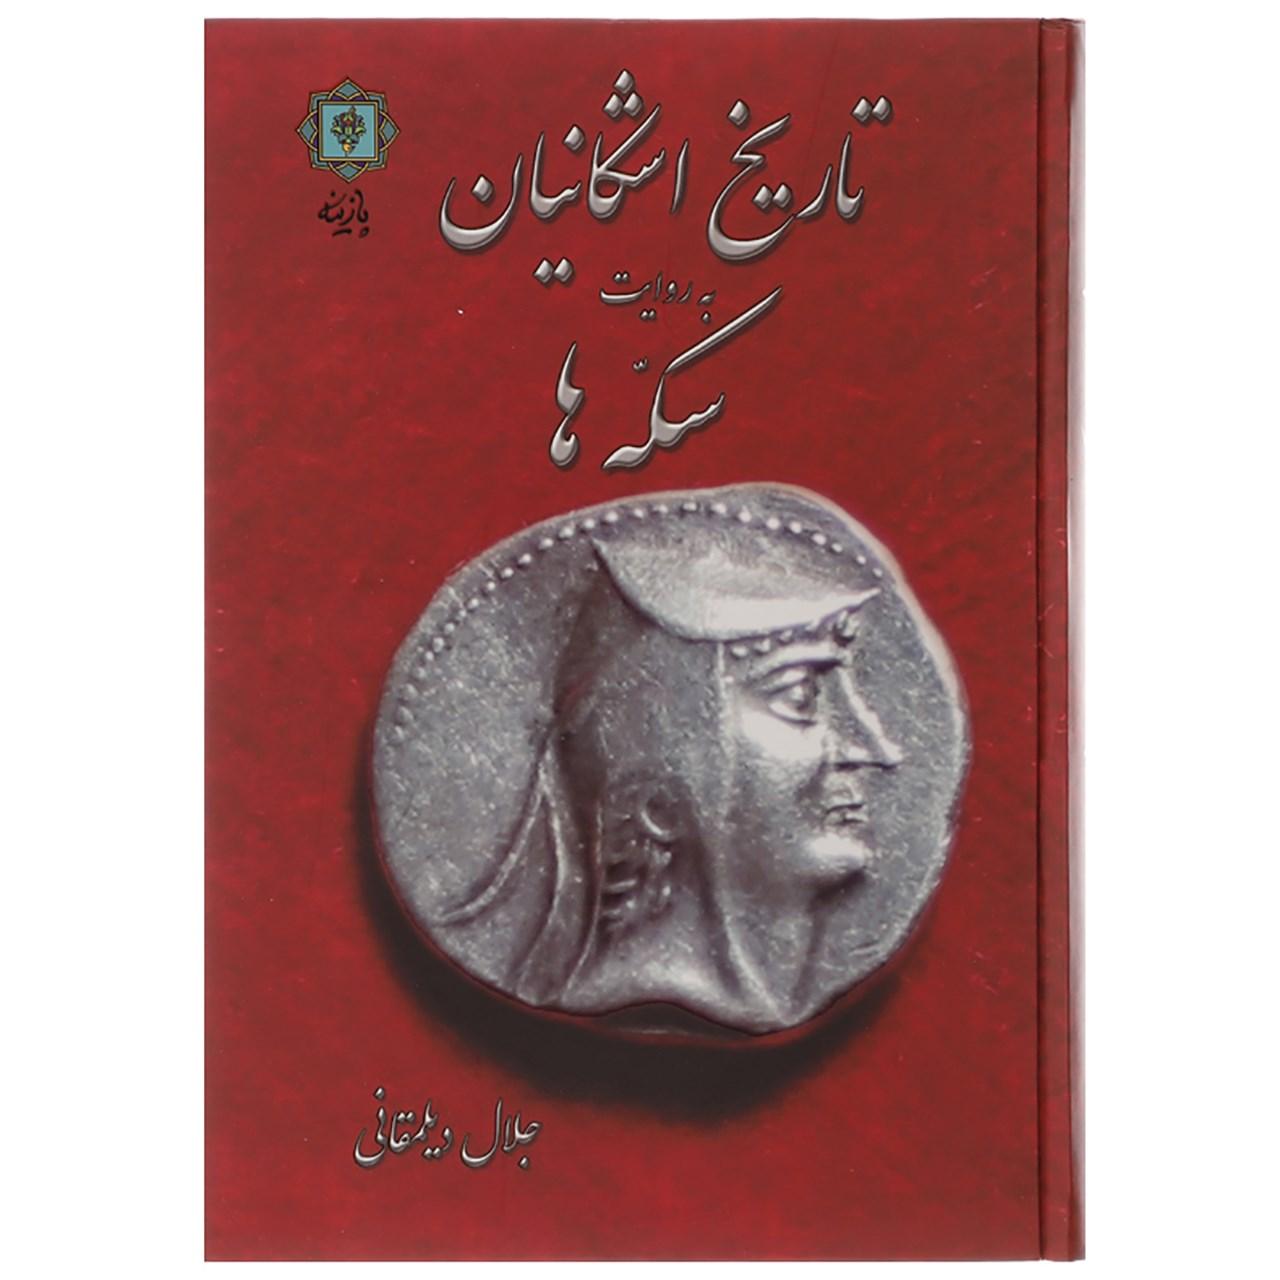 کتاب تاریخ اشکانیان به روایت سکه ها اثر جلال دیلمقانی